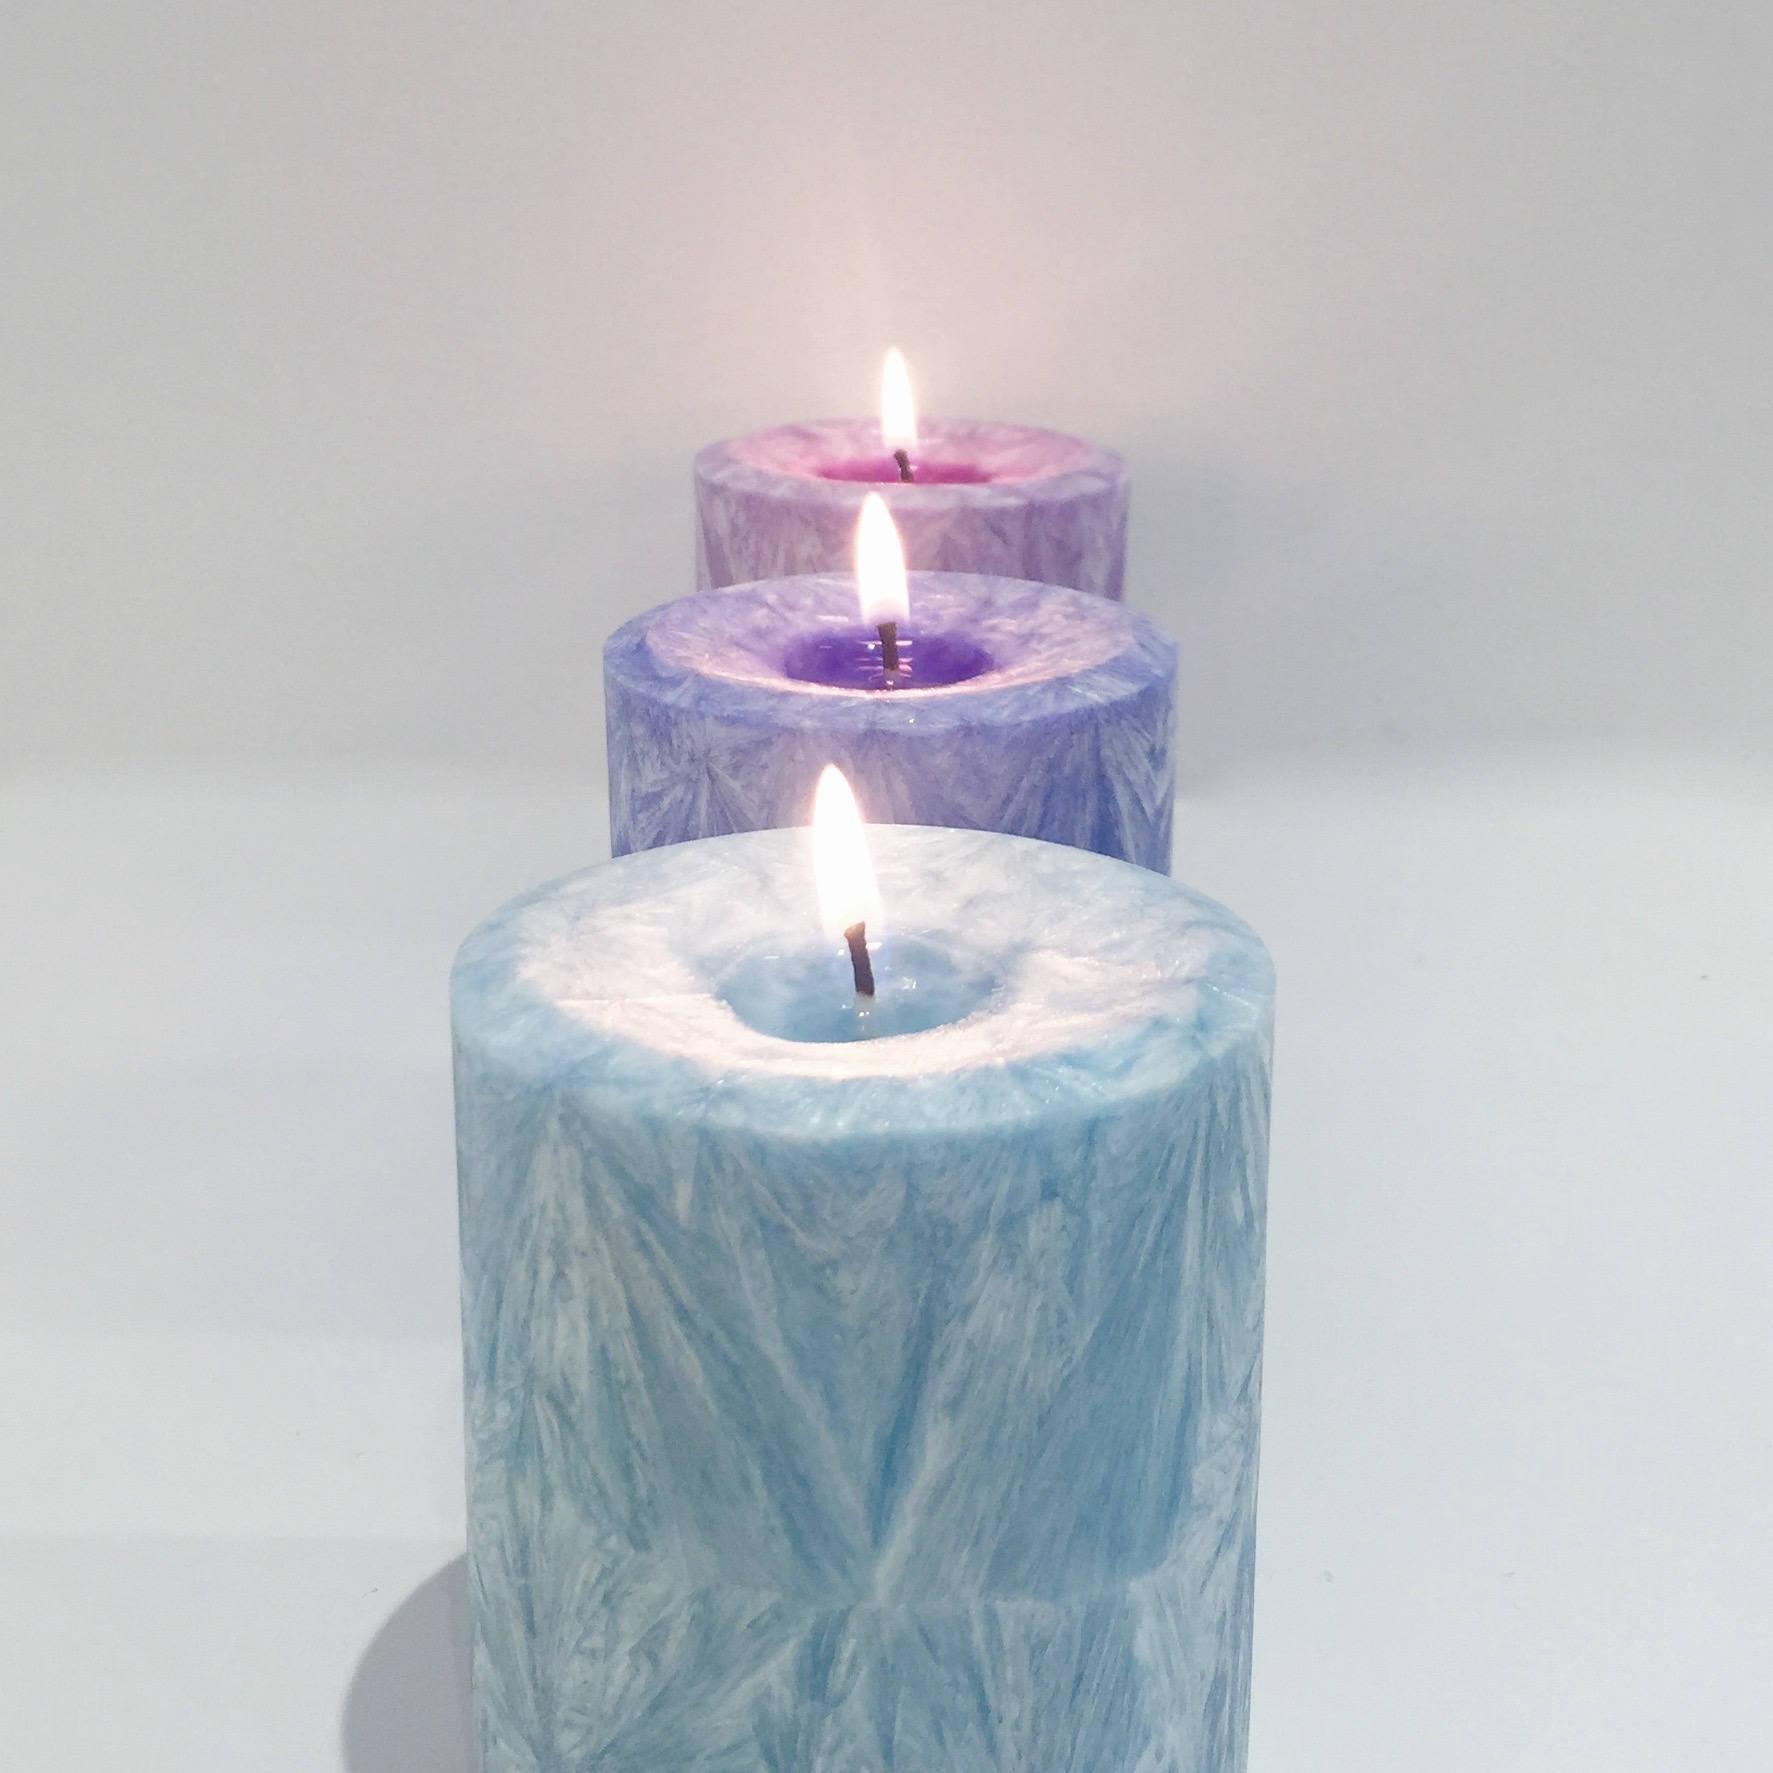 Les bougies de chakra vegan - CANDELICIOUS FRANCE